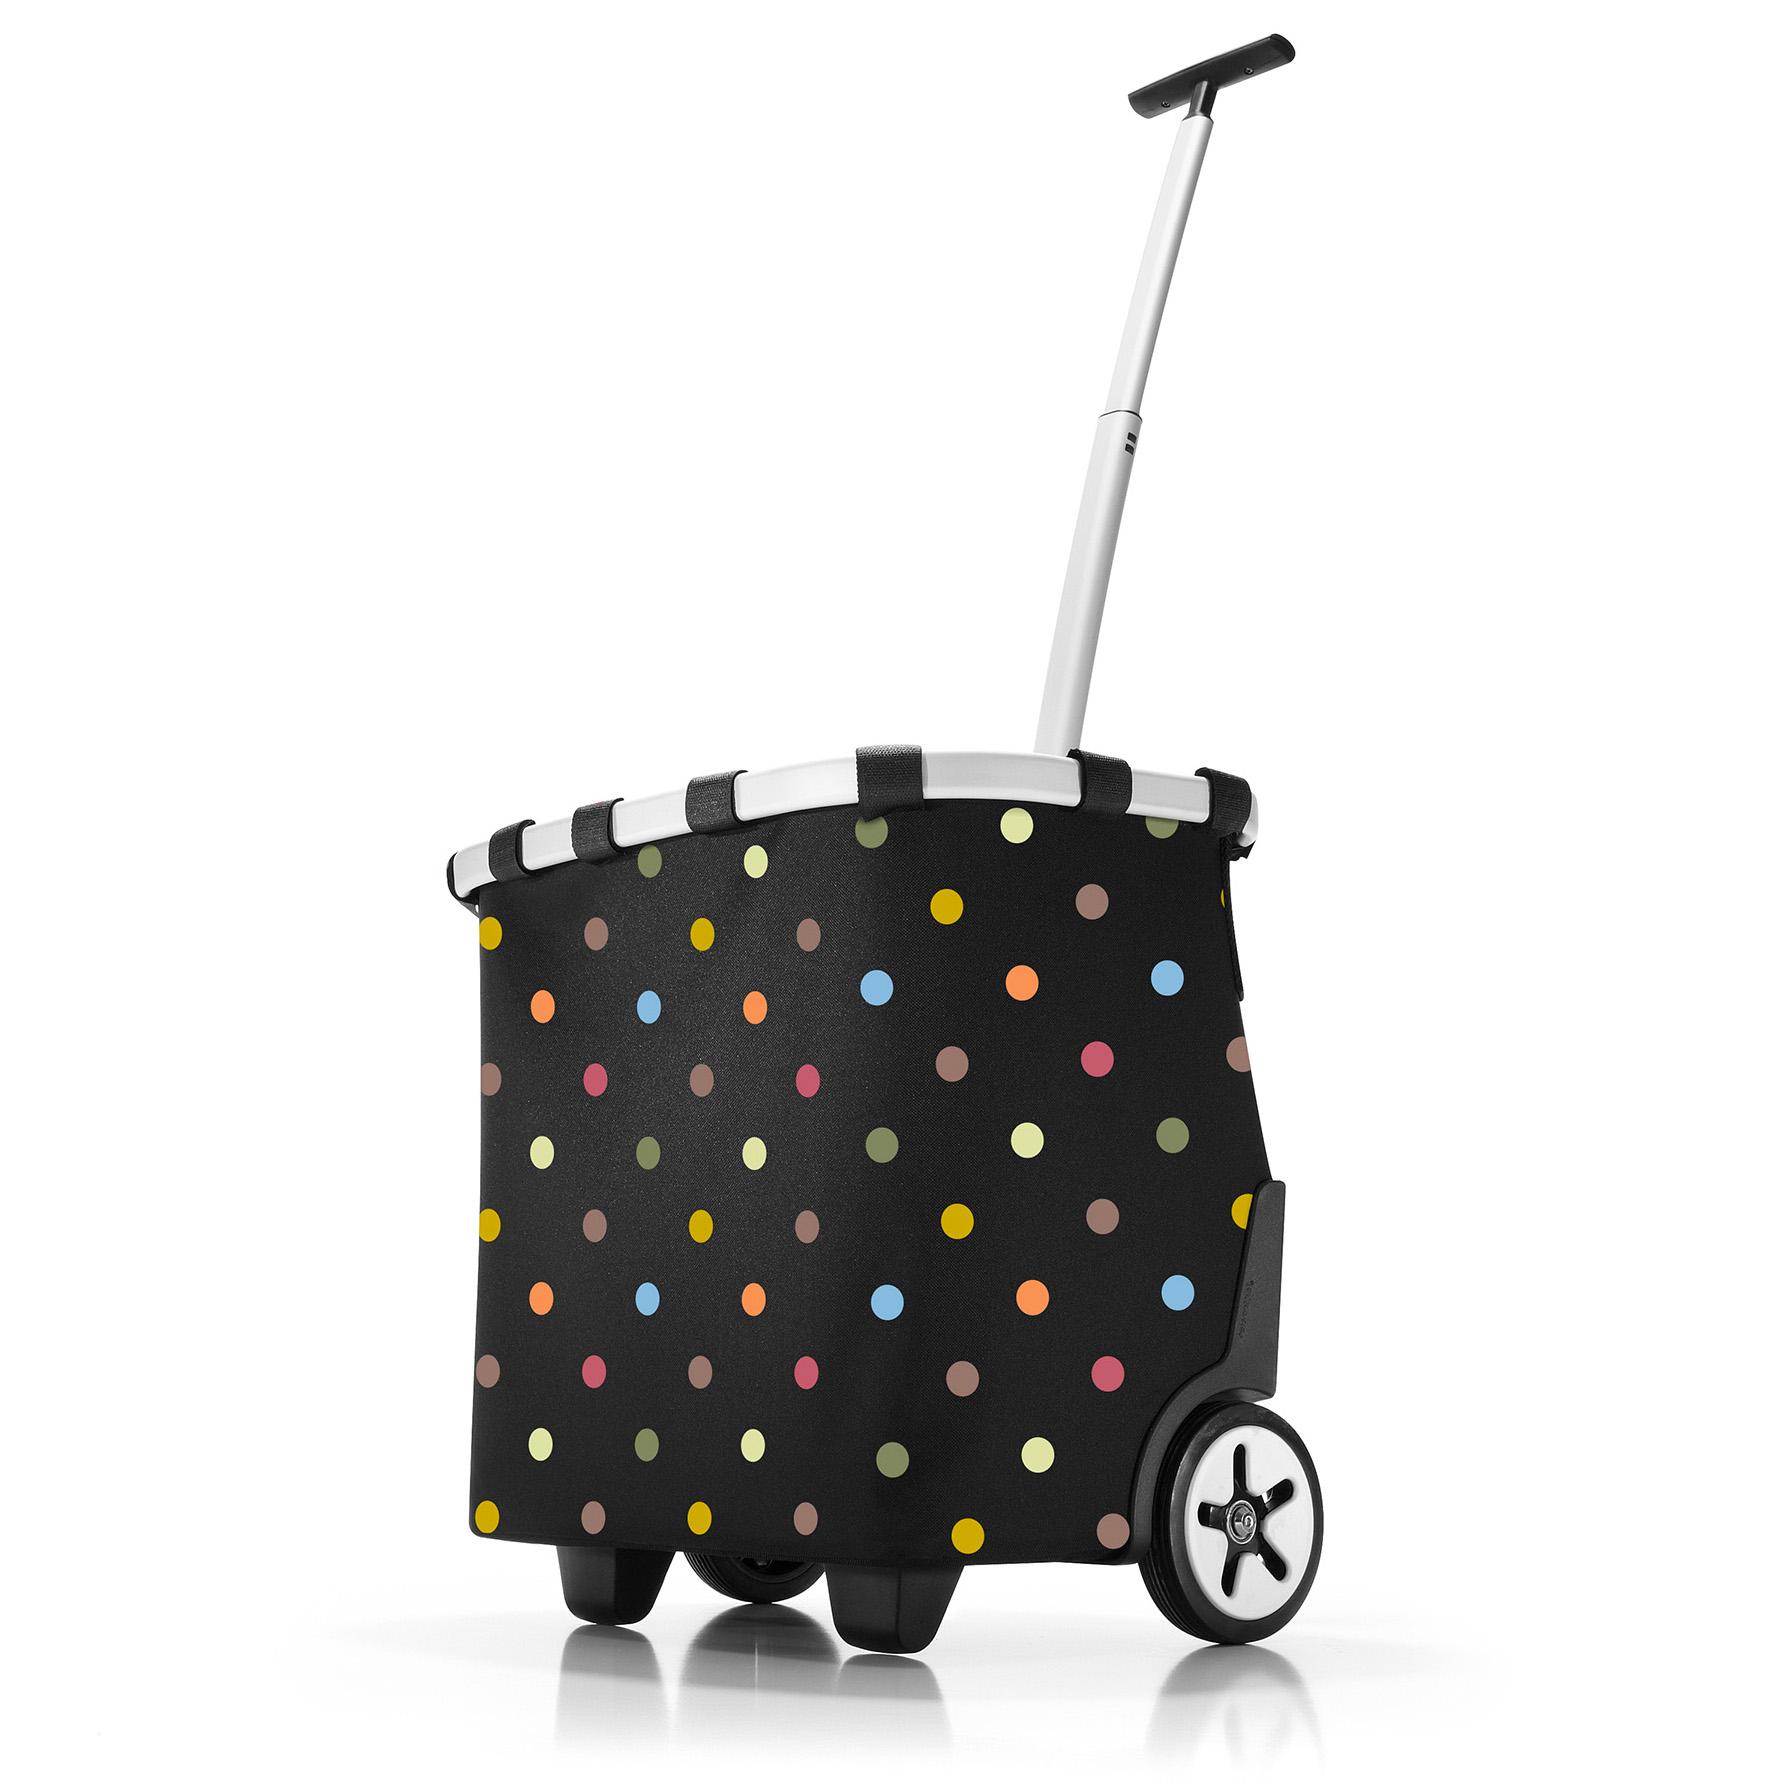 reisenthel carrycruiser Einkaufsroller Trolley Einkaufswagen Einkaufstrolley eBay ~ 01230907_Reisenthel Wäschekorb Schwarz